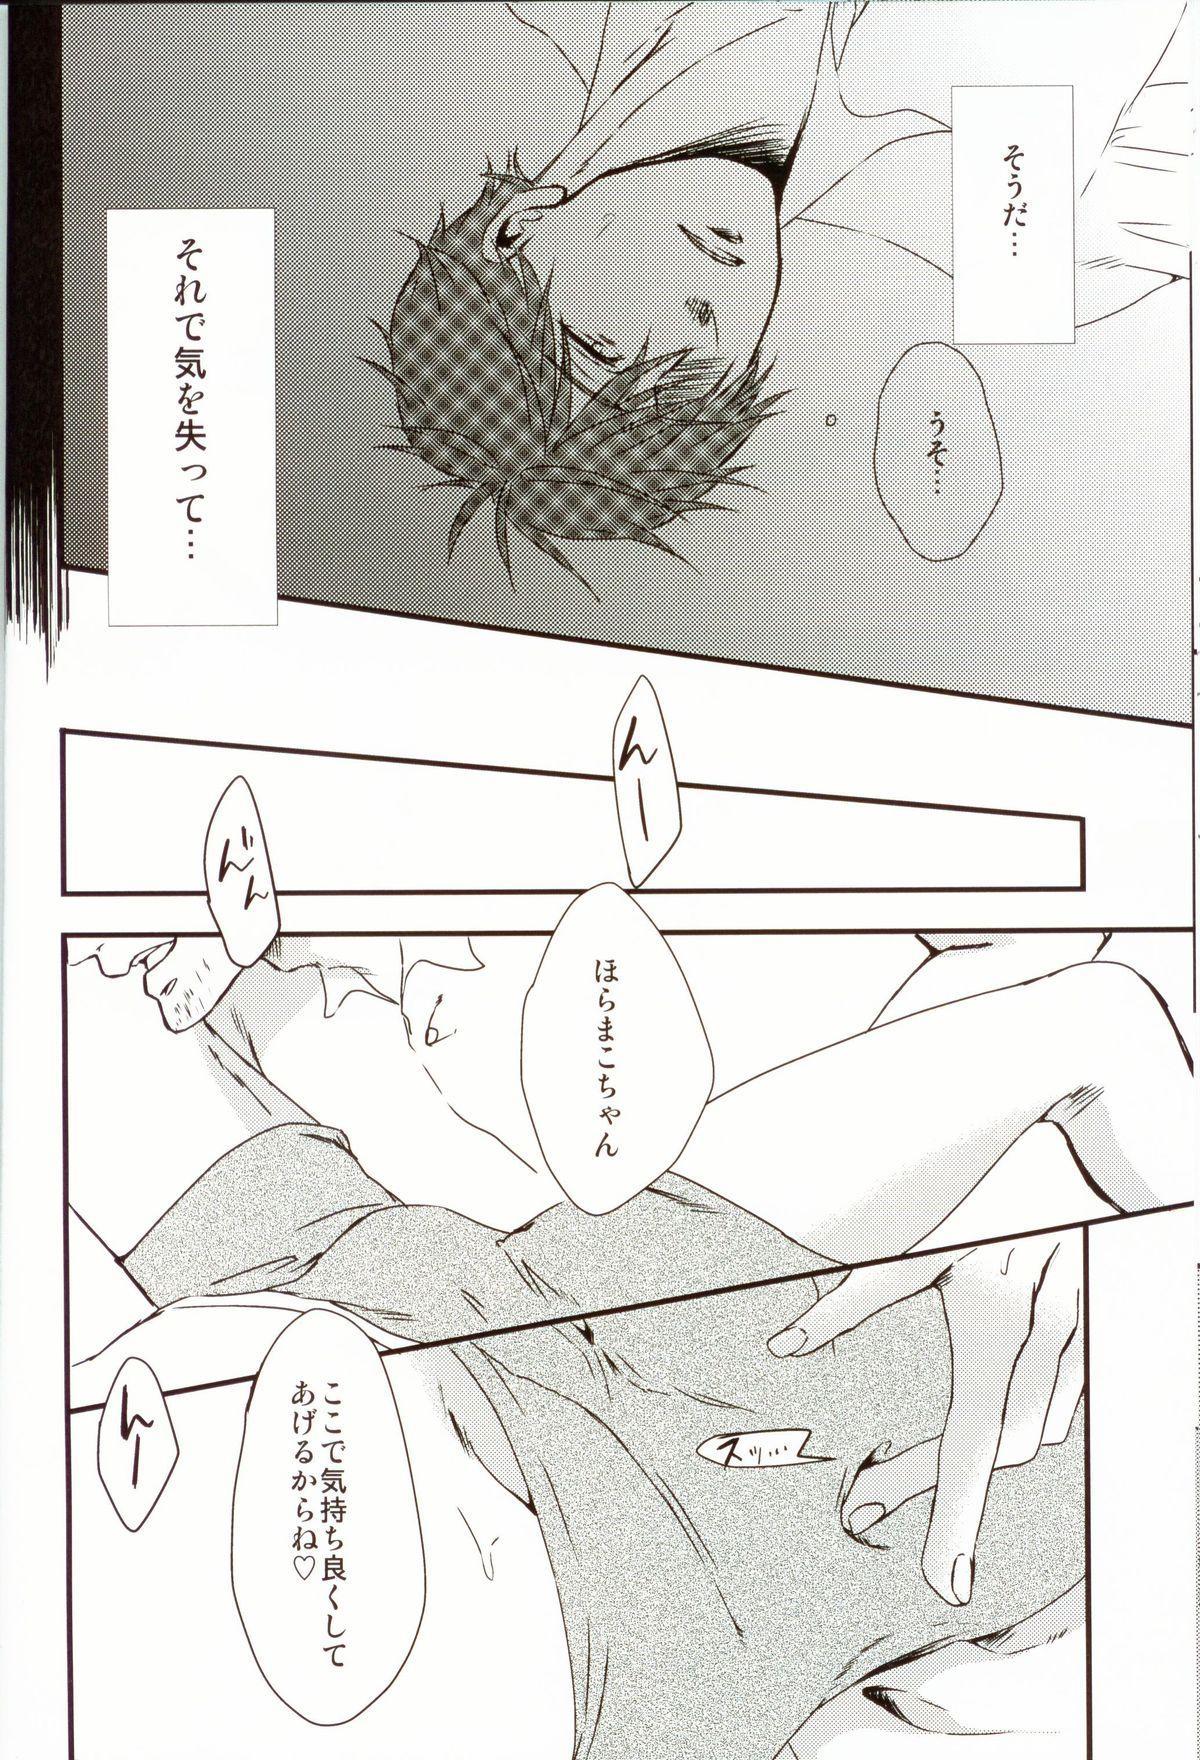 Makoto-chan o doro doro ni suru hon 20